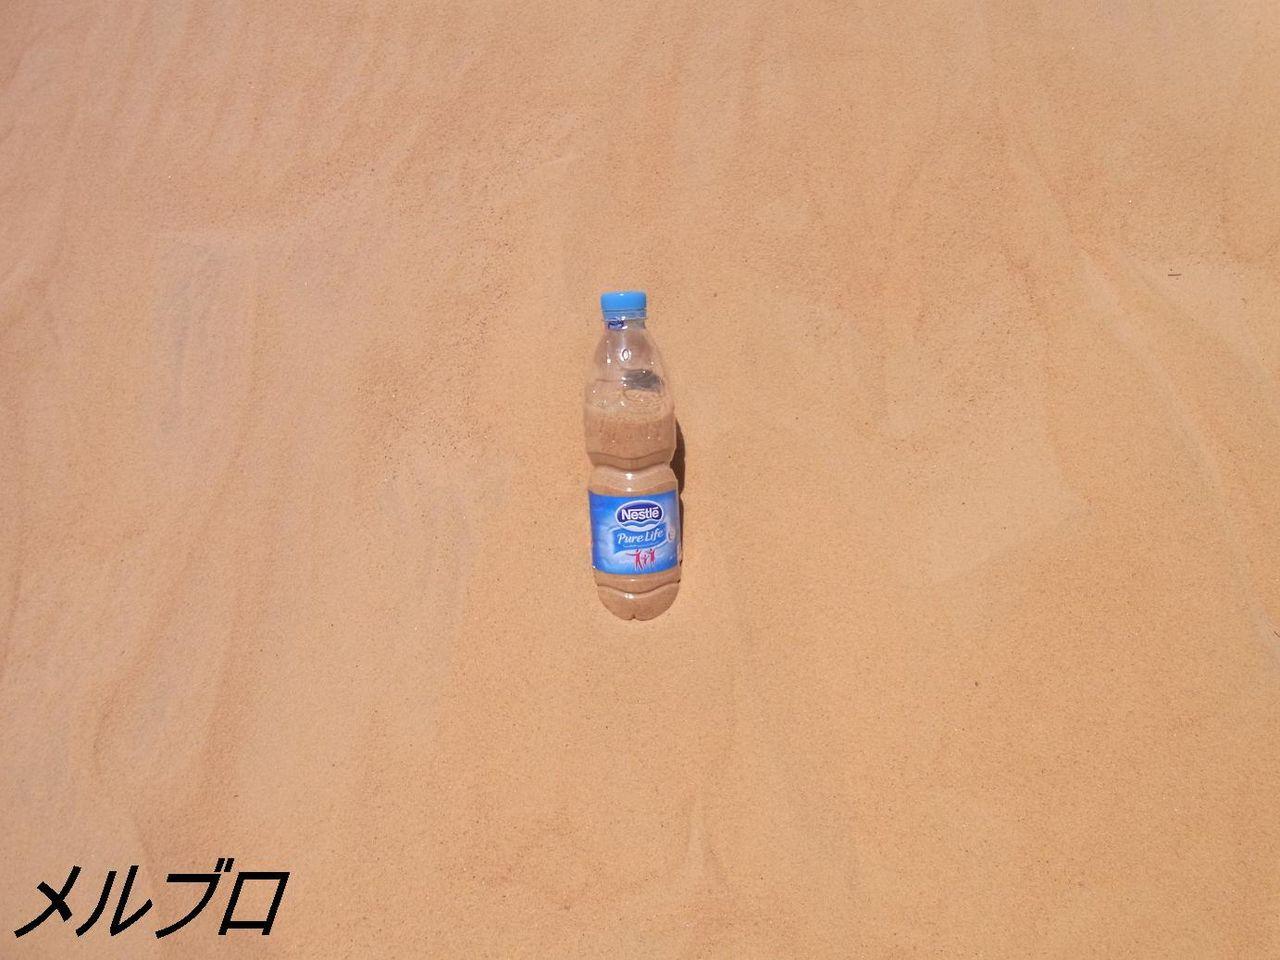 ヌビア砂漠2